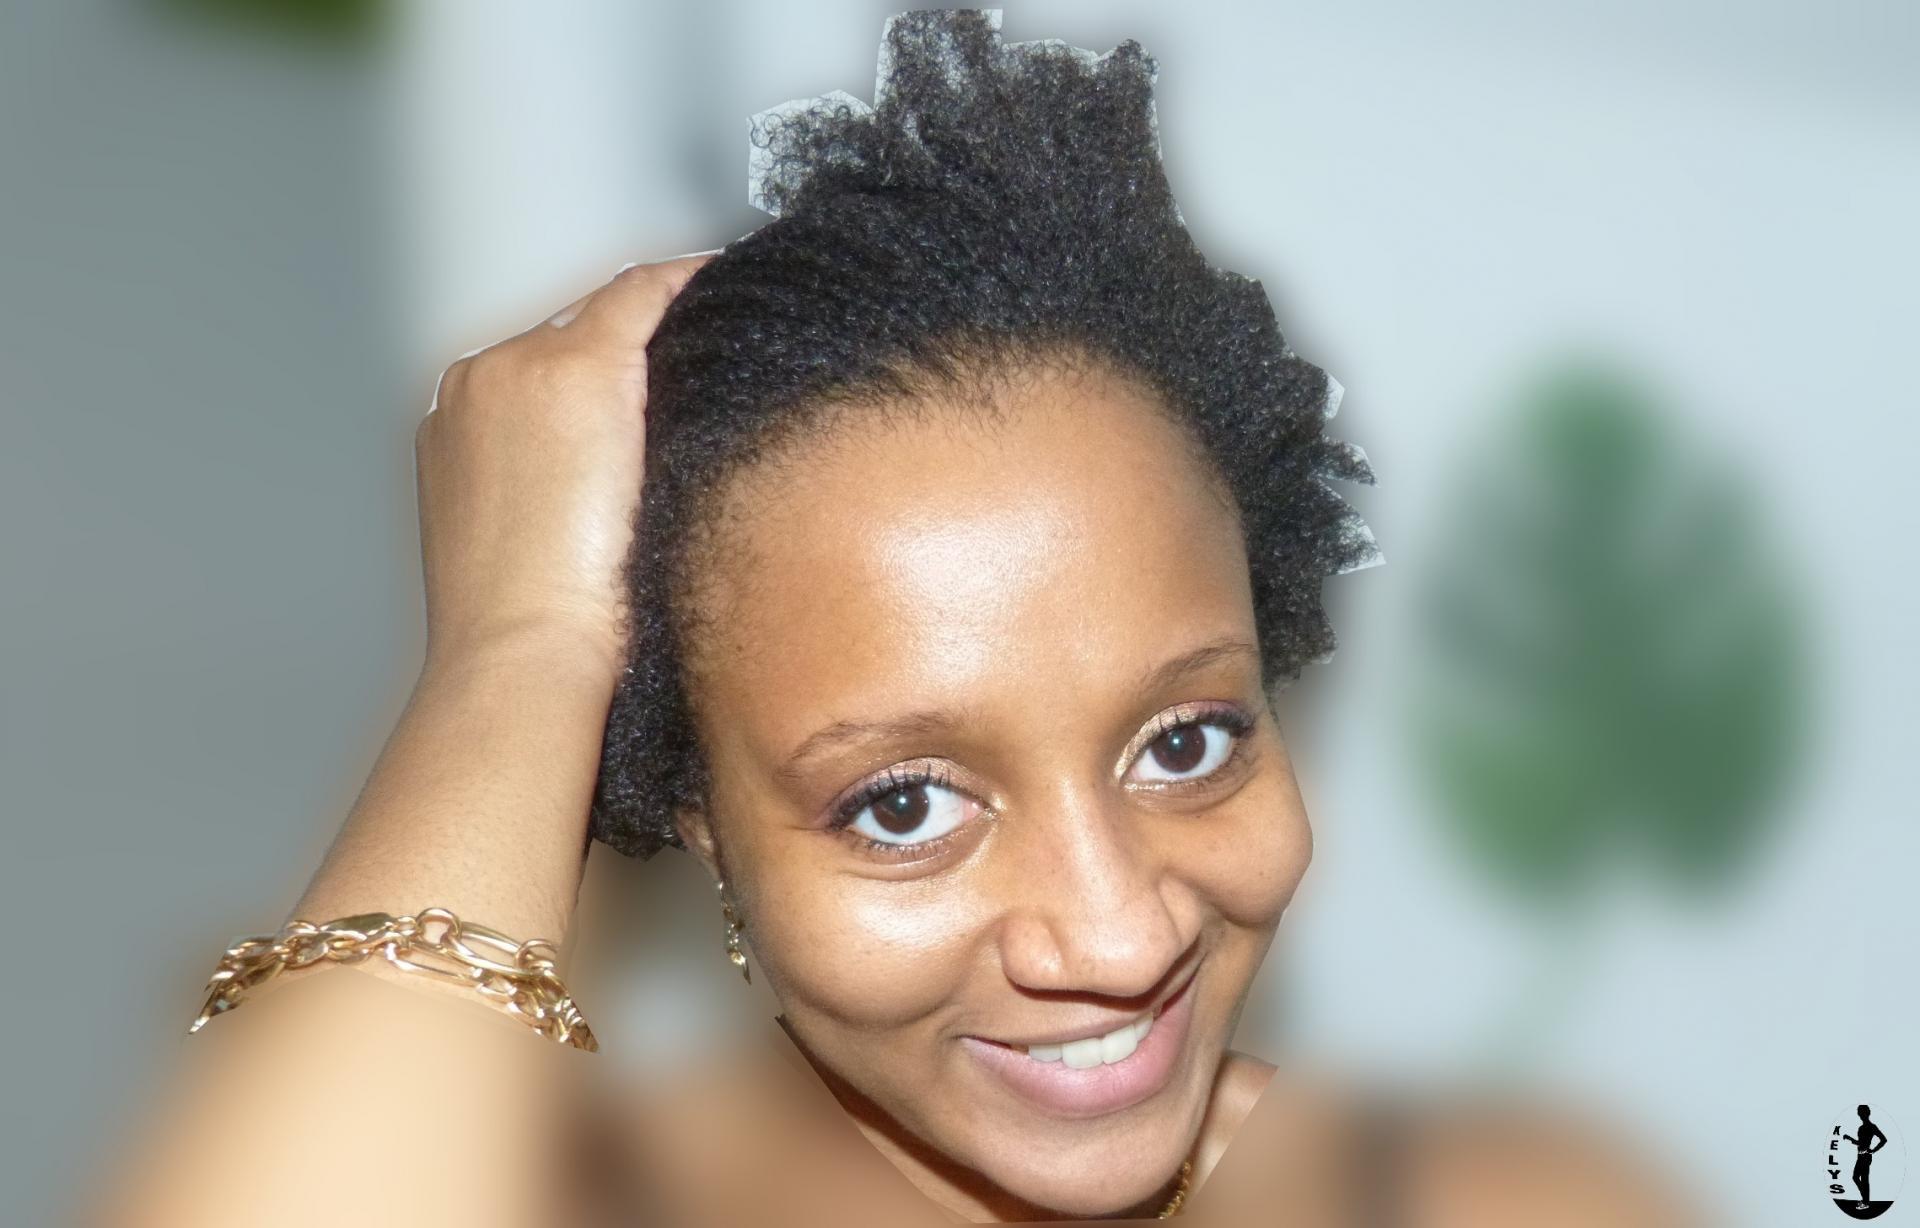 soin et beaut pour les cheveux cr pus et la peau noire. Black Bedroom Furniture Sets. Home Design Ideas